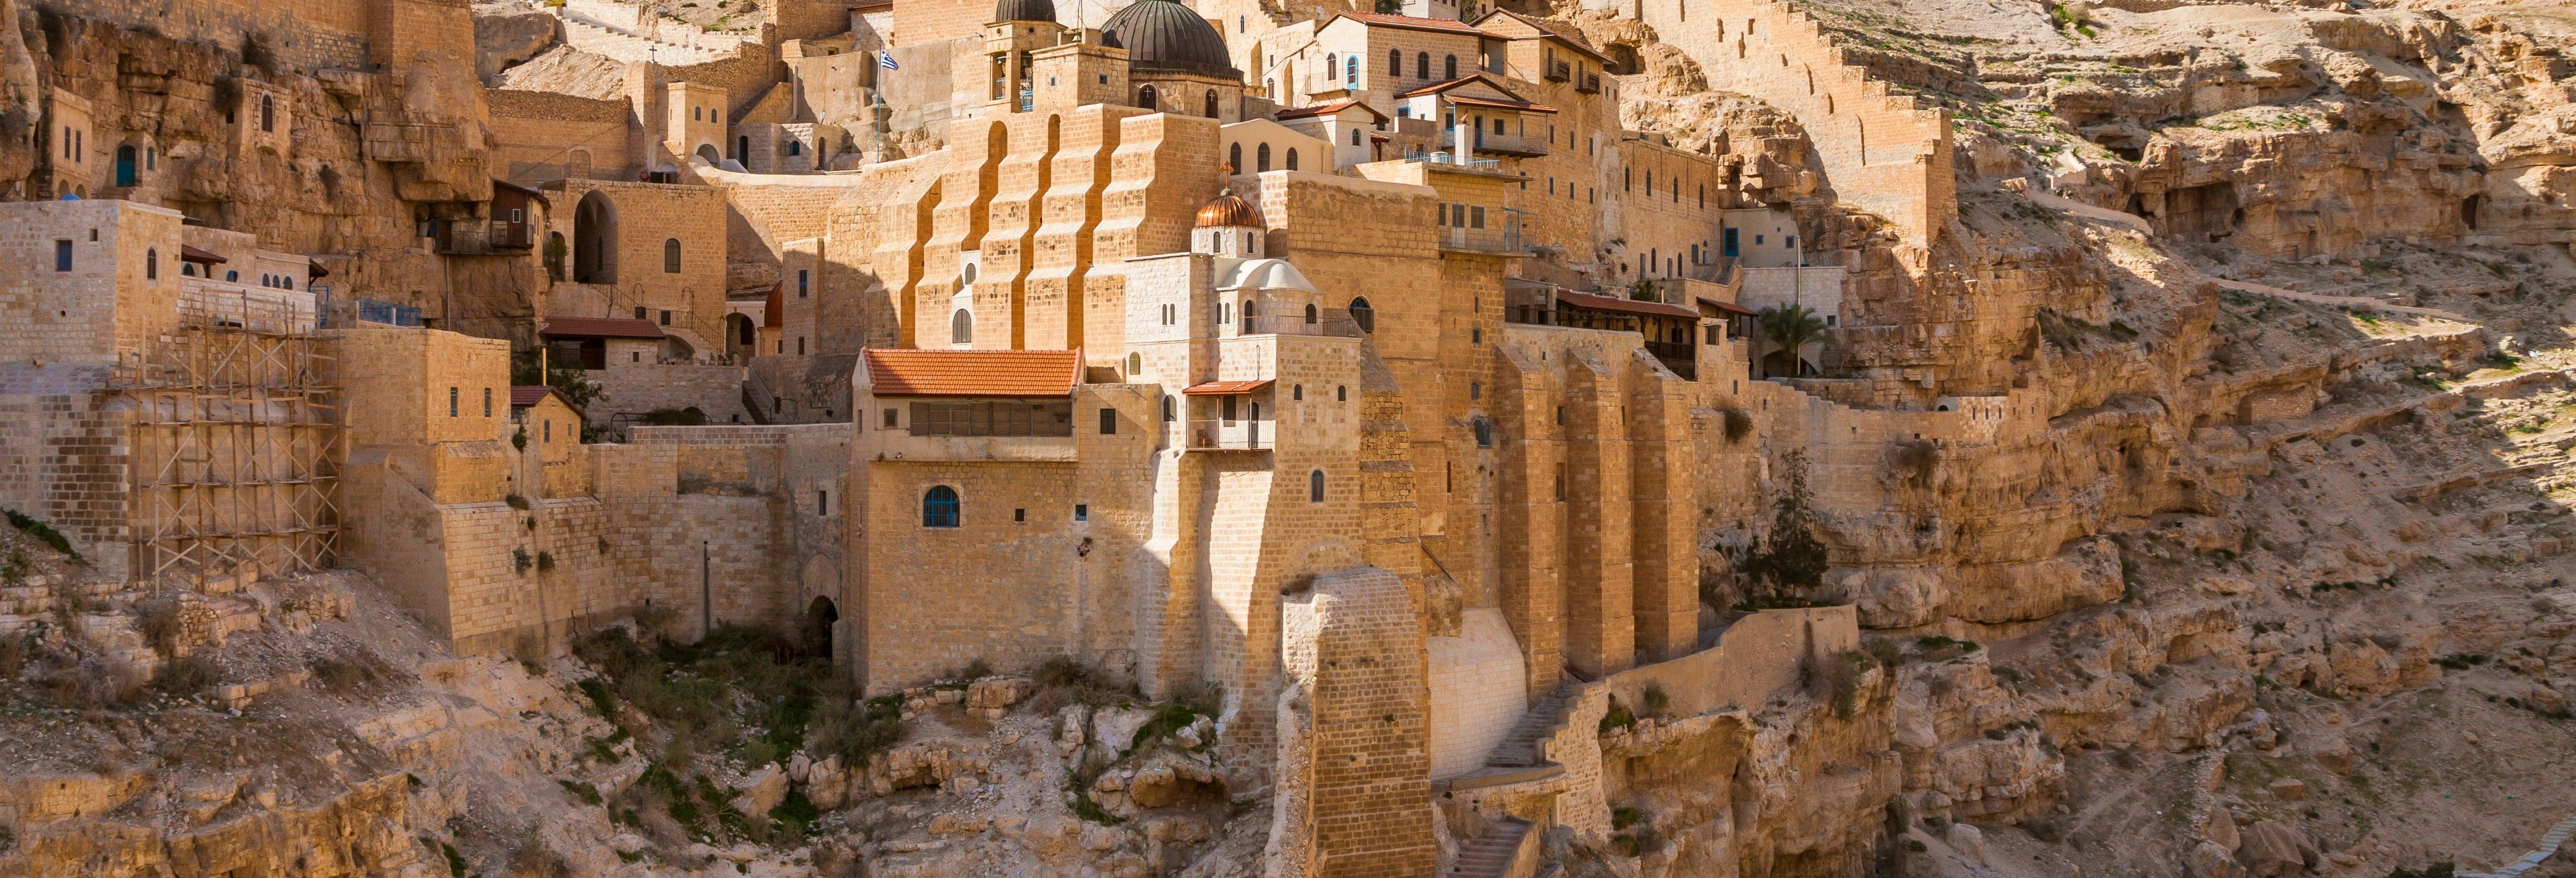 Excursión a Belén y Jericó